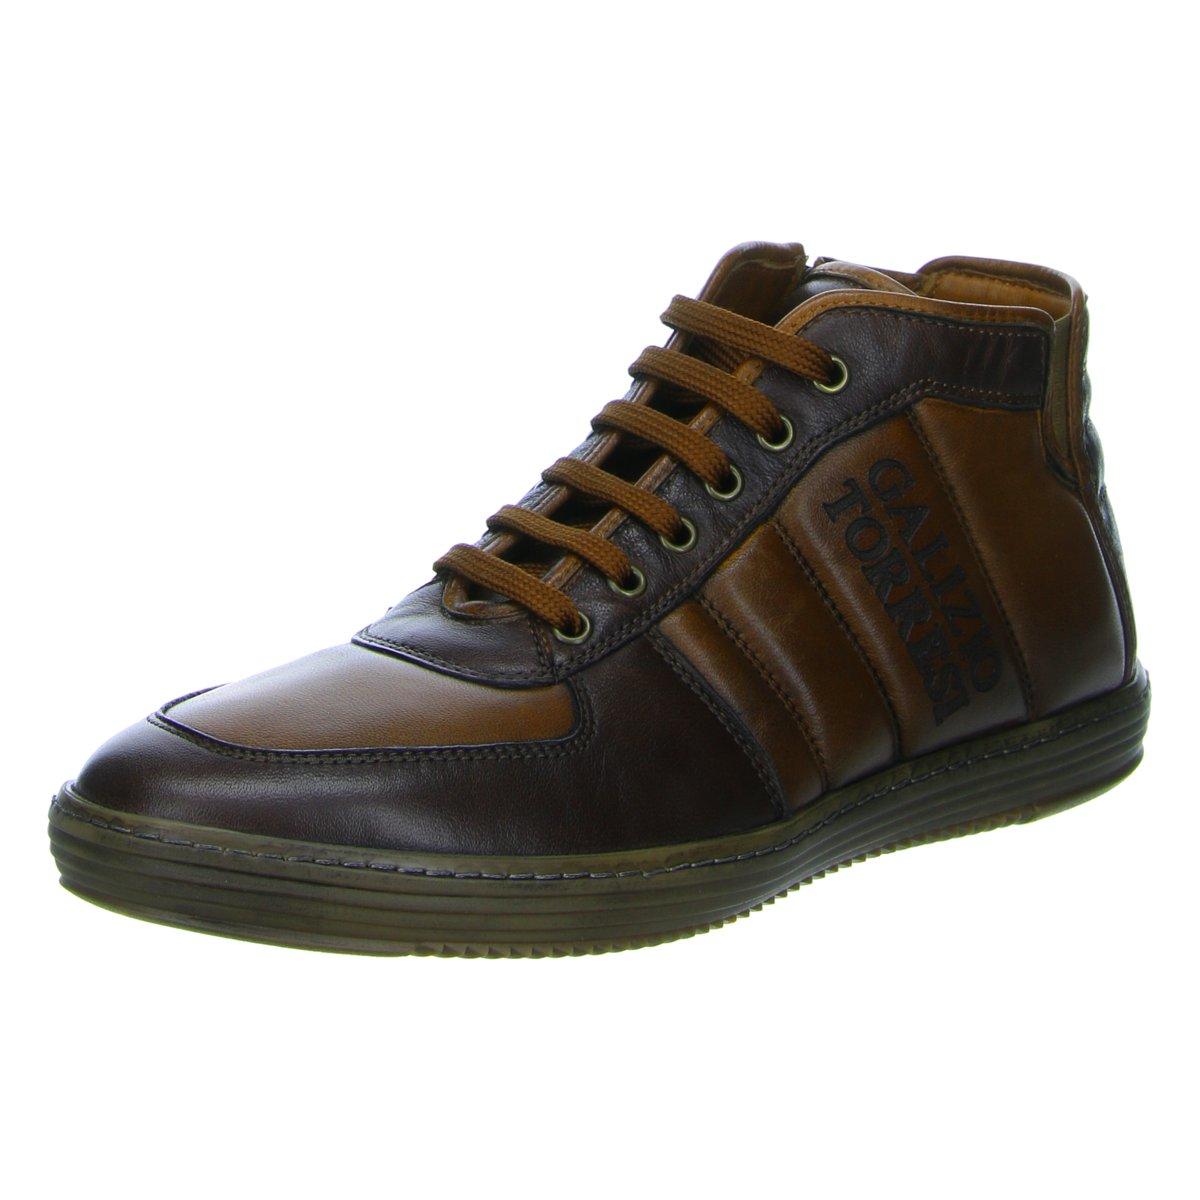 GALIZIO TORRESI Herren Stiefel 420666 v16518 braun 305905    | Online Shop Europe